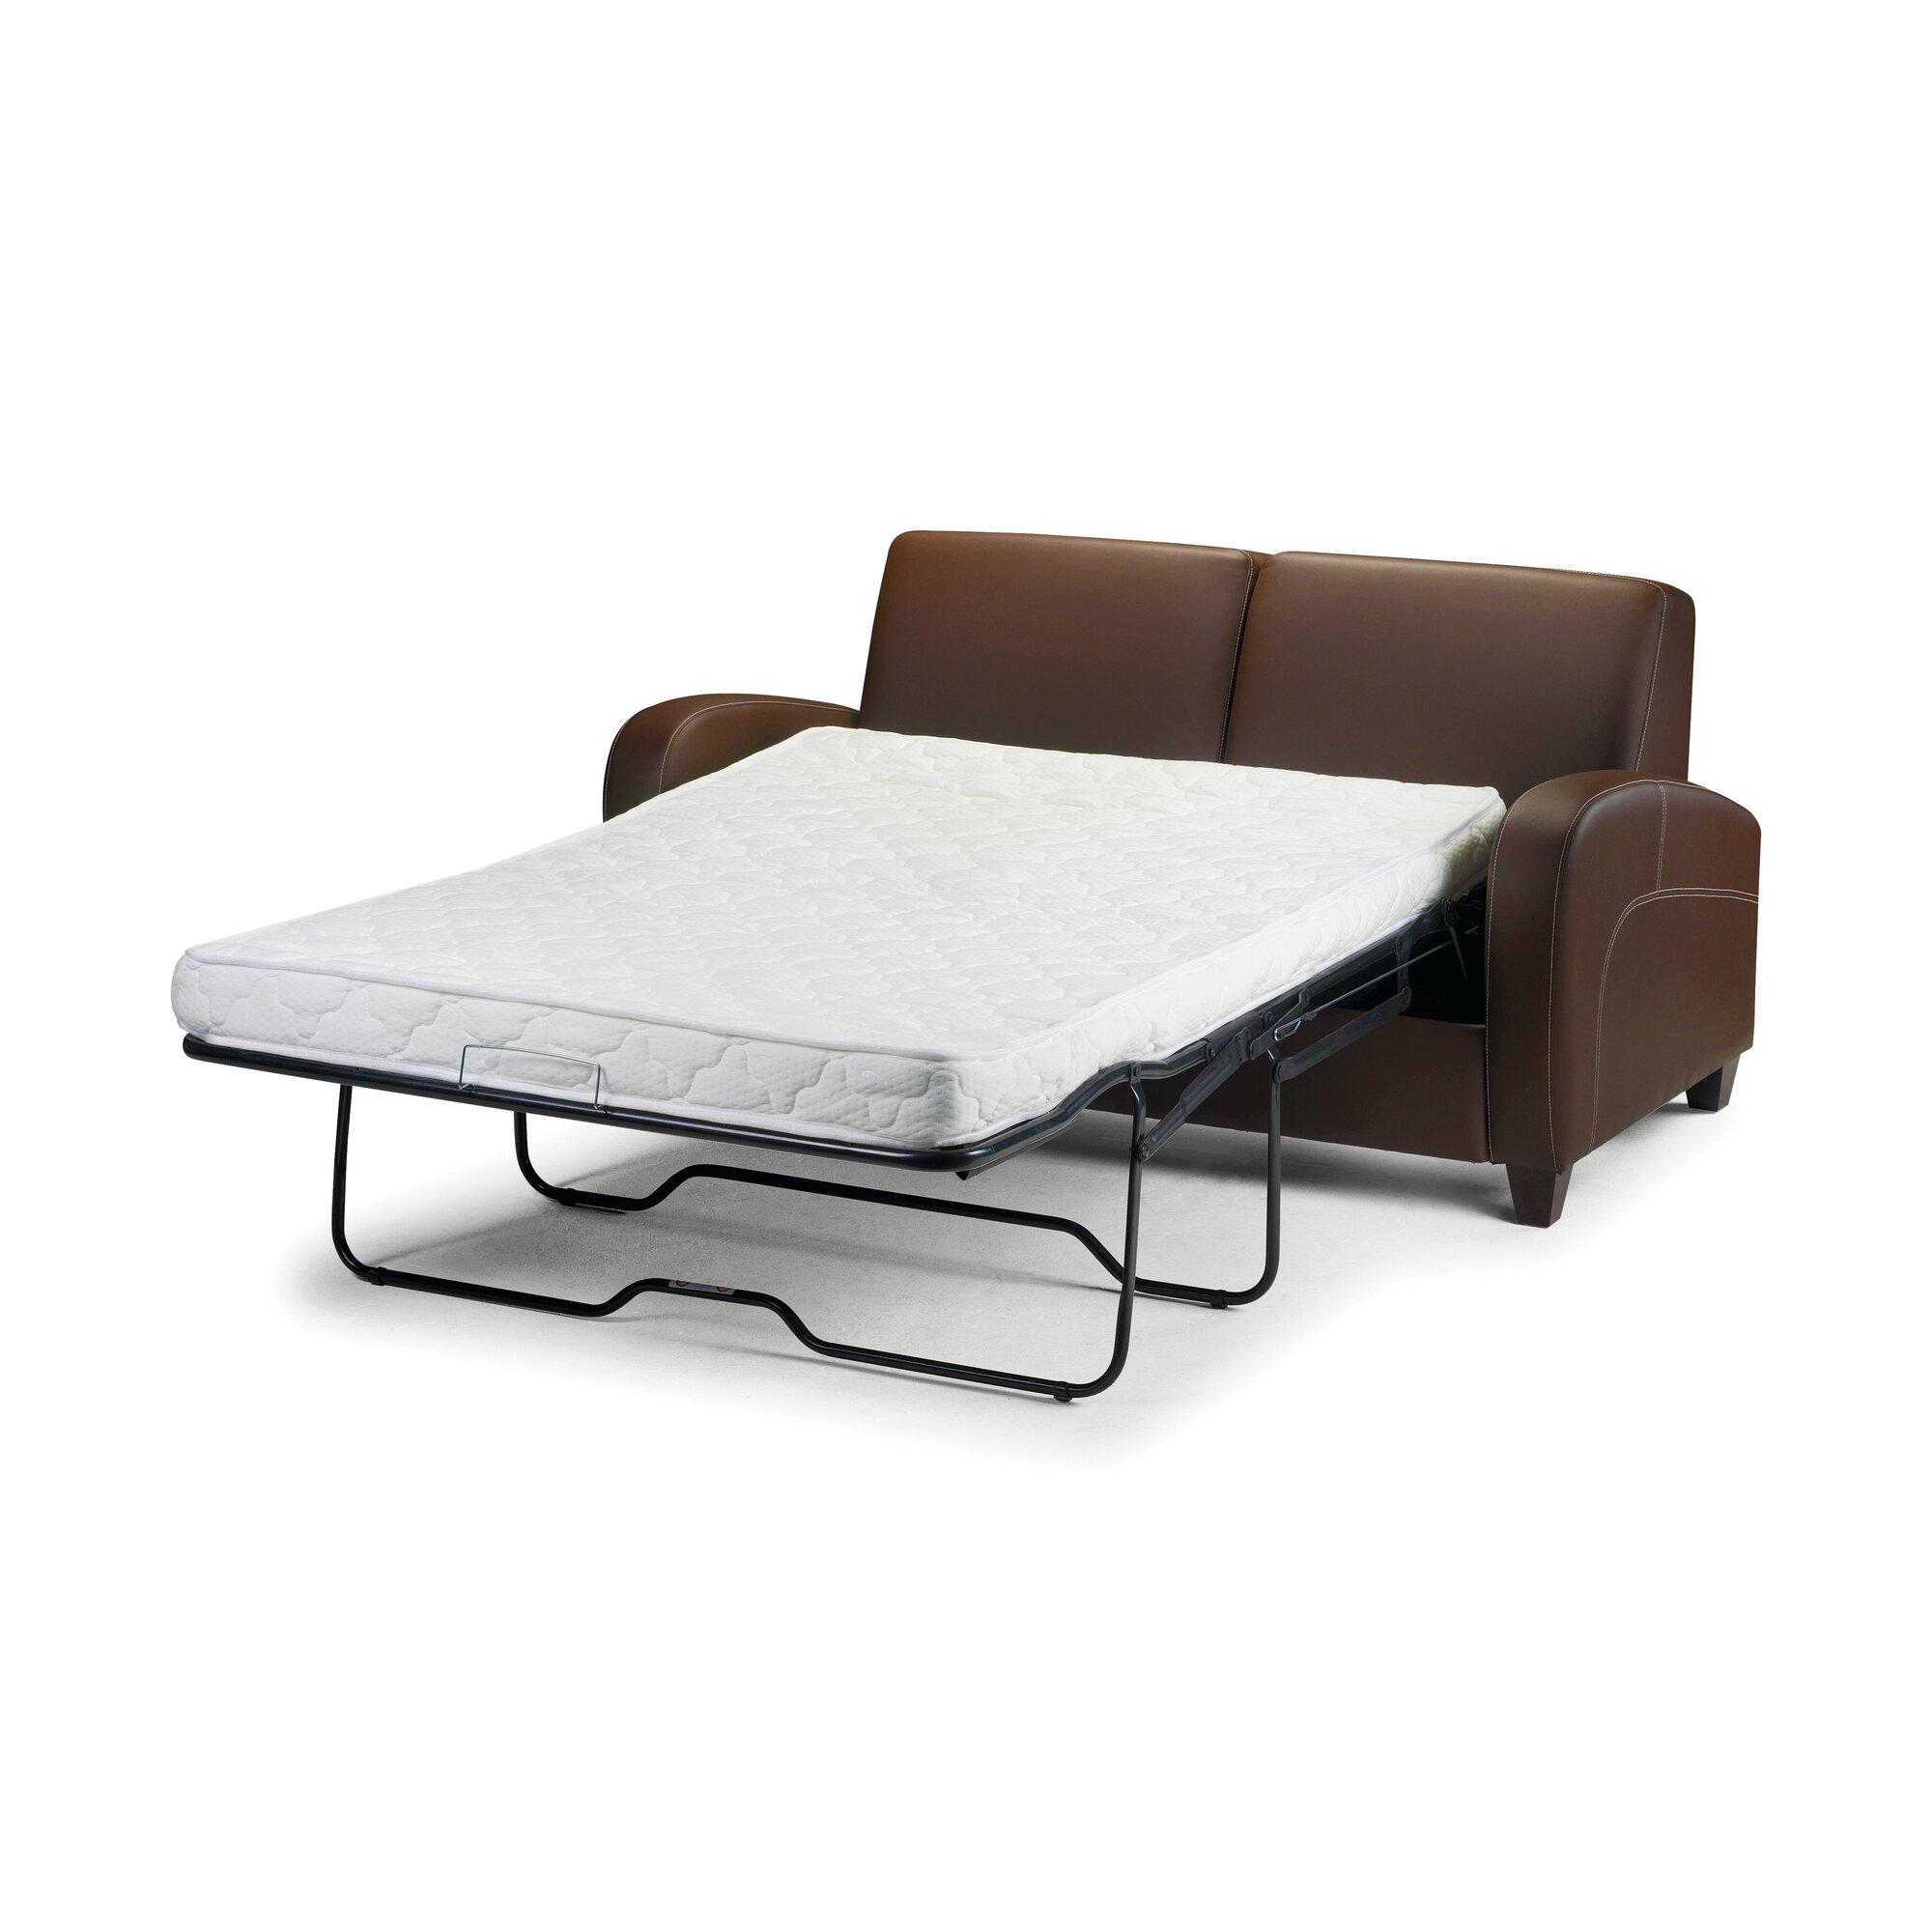 m hlenhaus 2 sitzer schlafsofa judith bewertungen. Black Bedroom Furniture Sets. Home Design Ideas